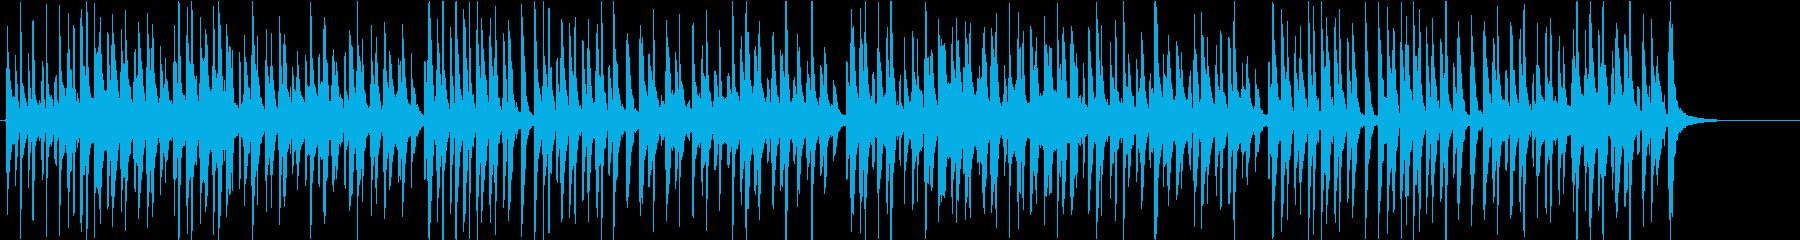 三線をメインとした楽しい沖縄音楽の再生済みの波形